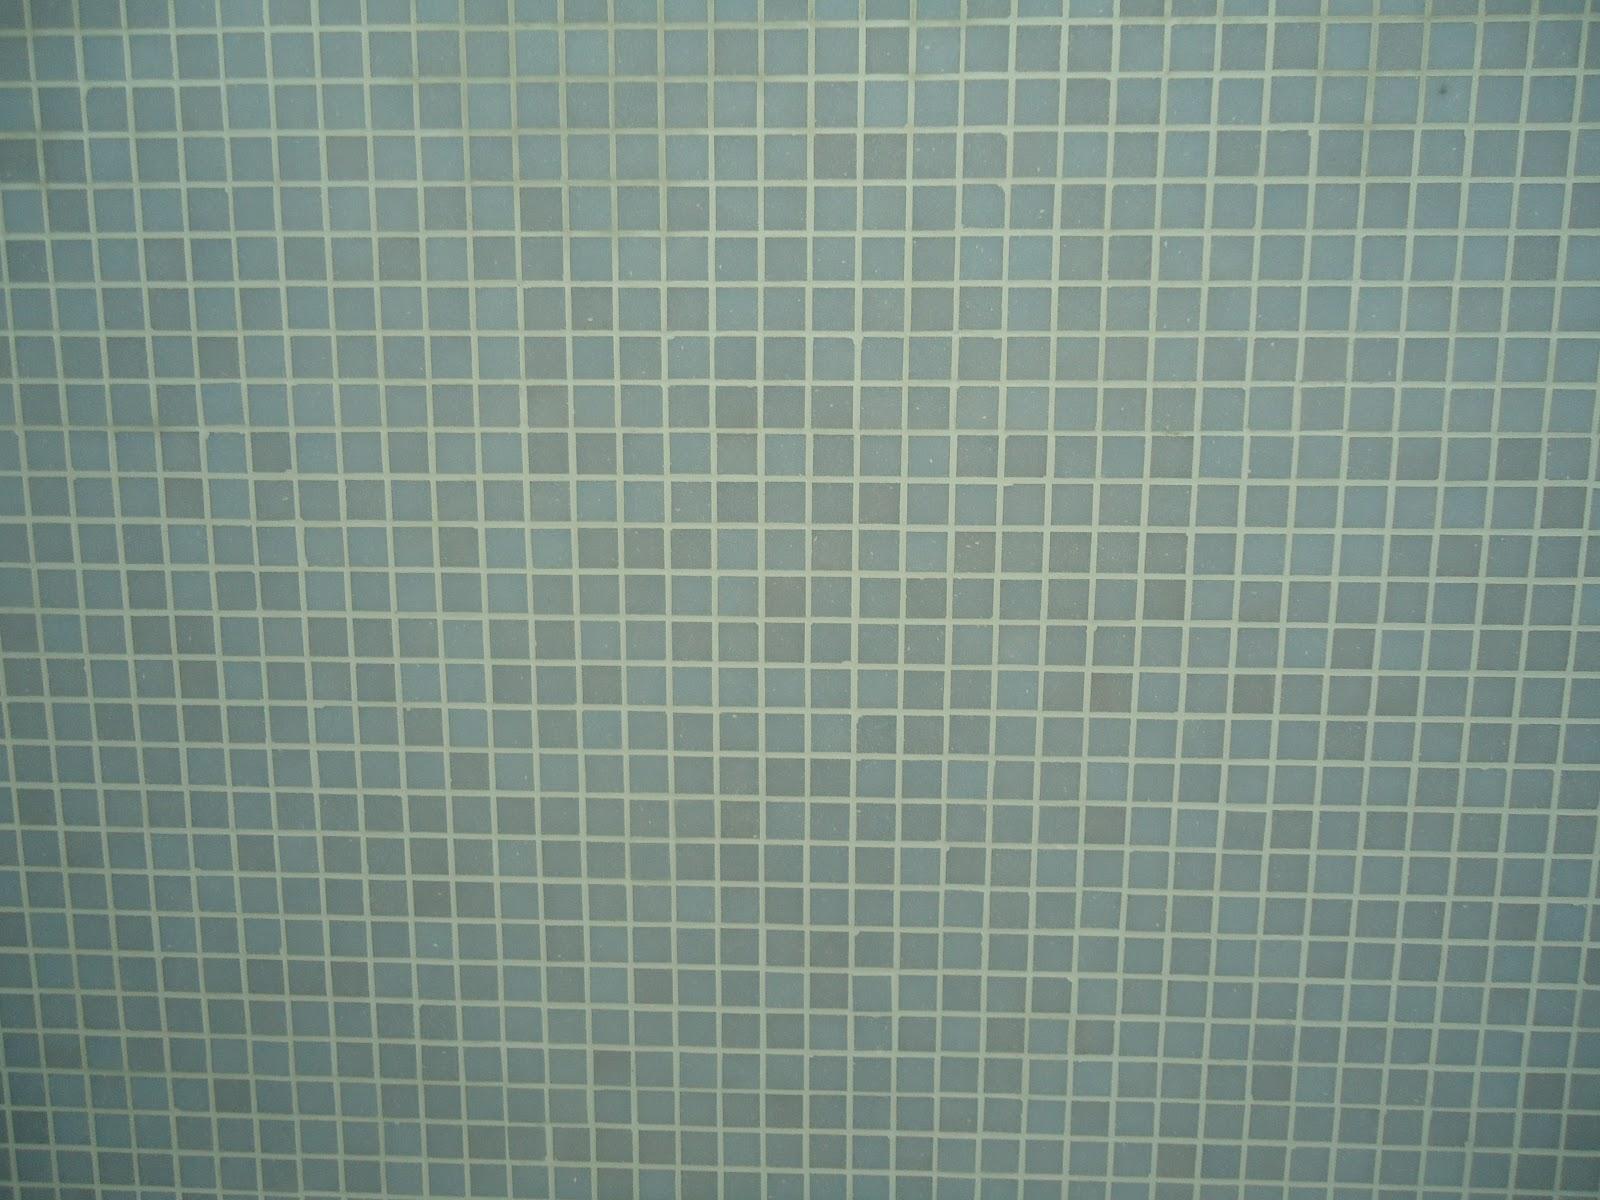 #3E5352 Como se começa uma FAMÍLIA: REVESTIMENTO DA ÁREA DE SERVIÇO 1600x1200 px Banheiros Decorados Com Pastilhas Jatoba 1147